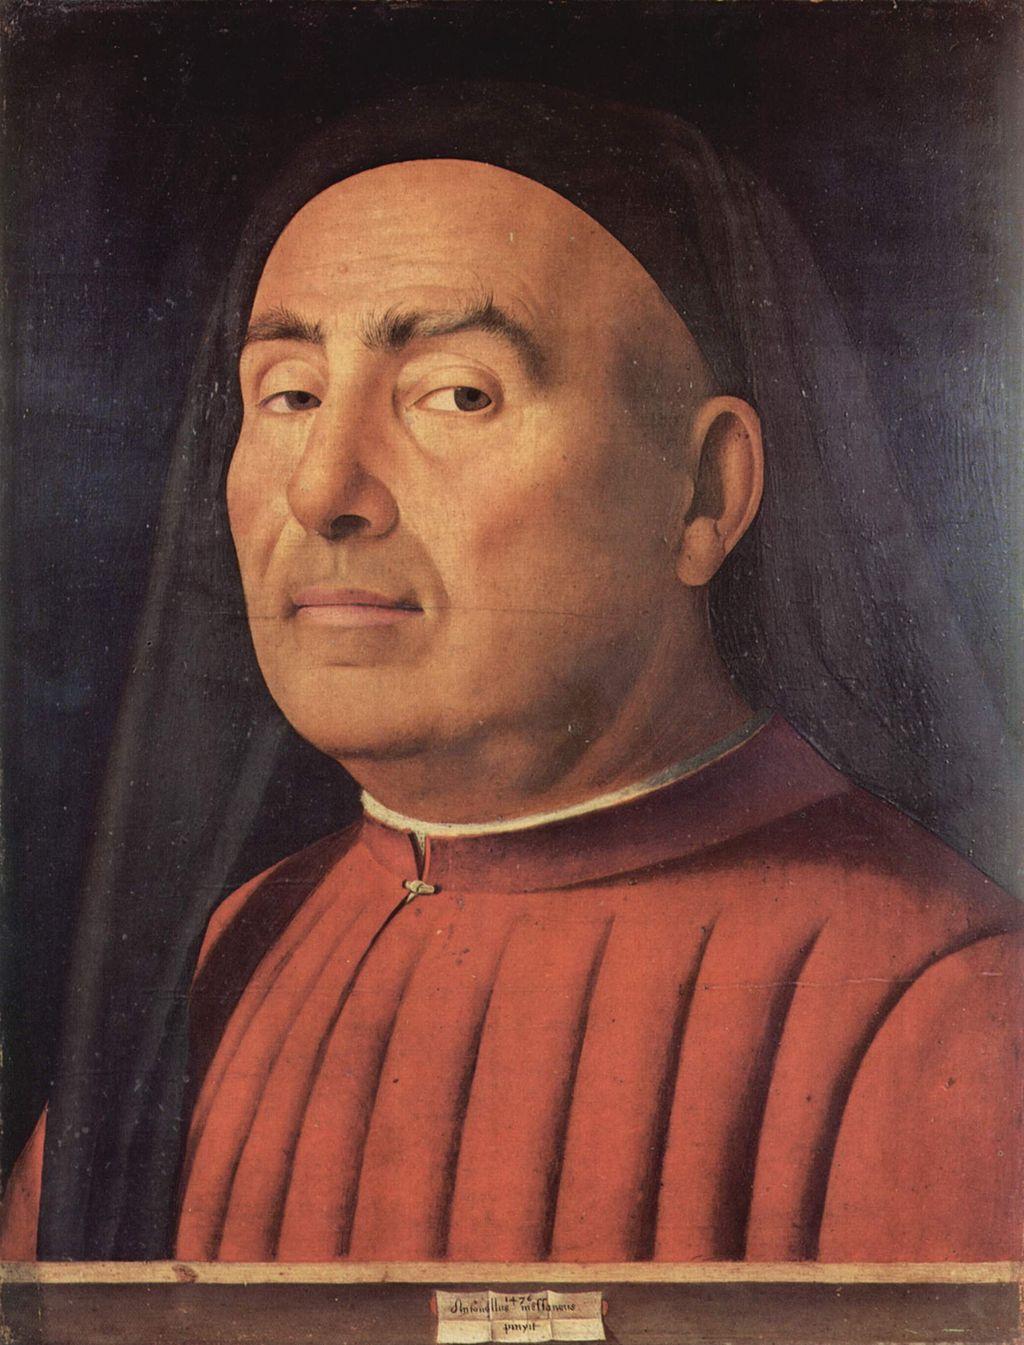 Antonello da Messina (1430–1479), Ritratto Trivulzio, 1476, olio su tavola di pioppo, 37,4×29,5 cm, Torino, Museo Civico d'Arte Antica di Torino